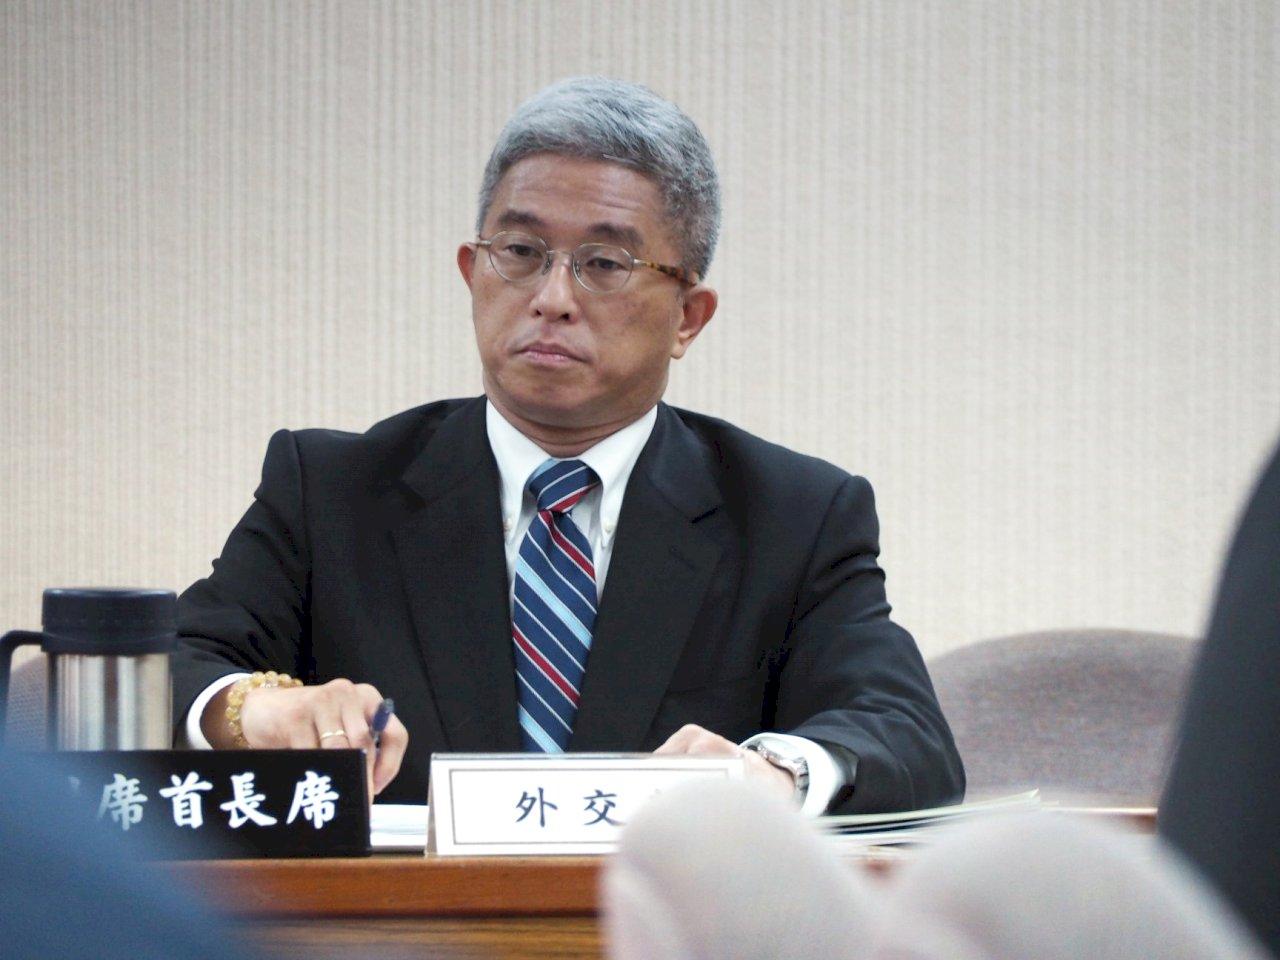 鞏固邦誼 外交部次長11月訪吐瓦魯